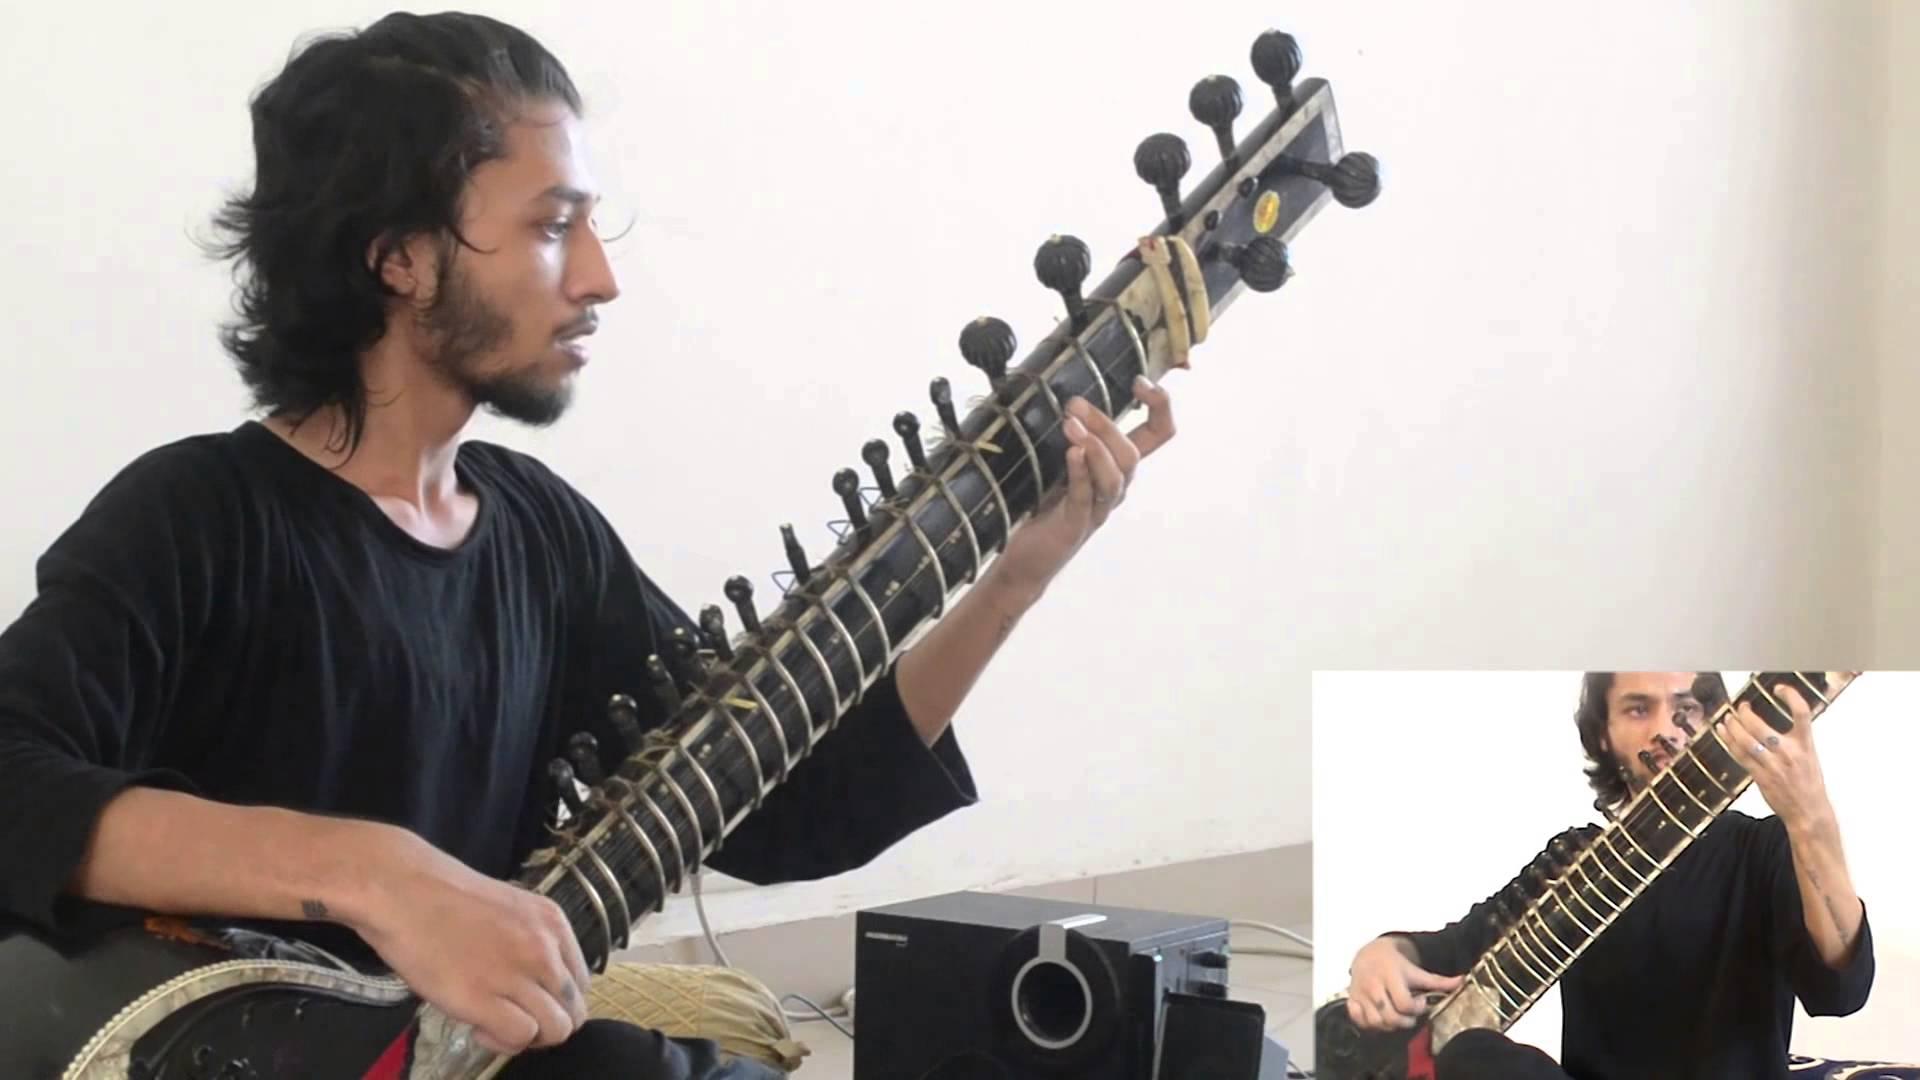 超絶技巧! インドの民謡楽器でメタルを演奏